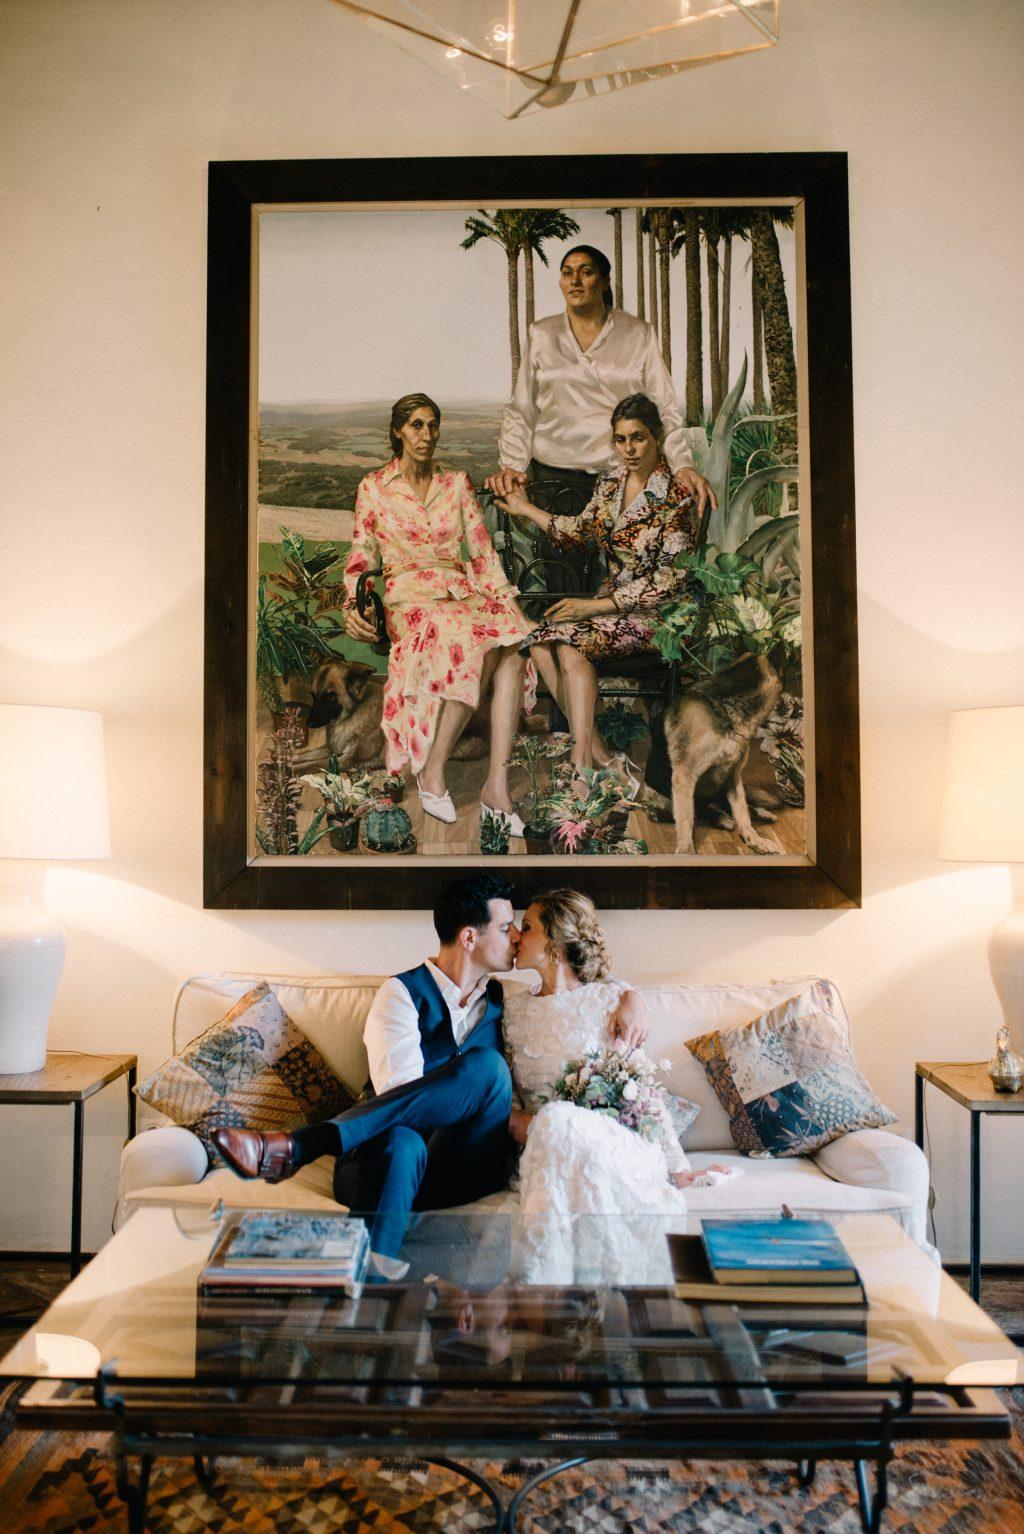 boda civil en hacienda san rafael 17 - La Boda Civil de Géraldine y Jan en Hacienda San Rafael